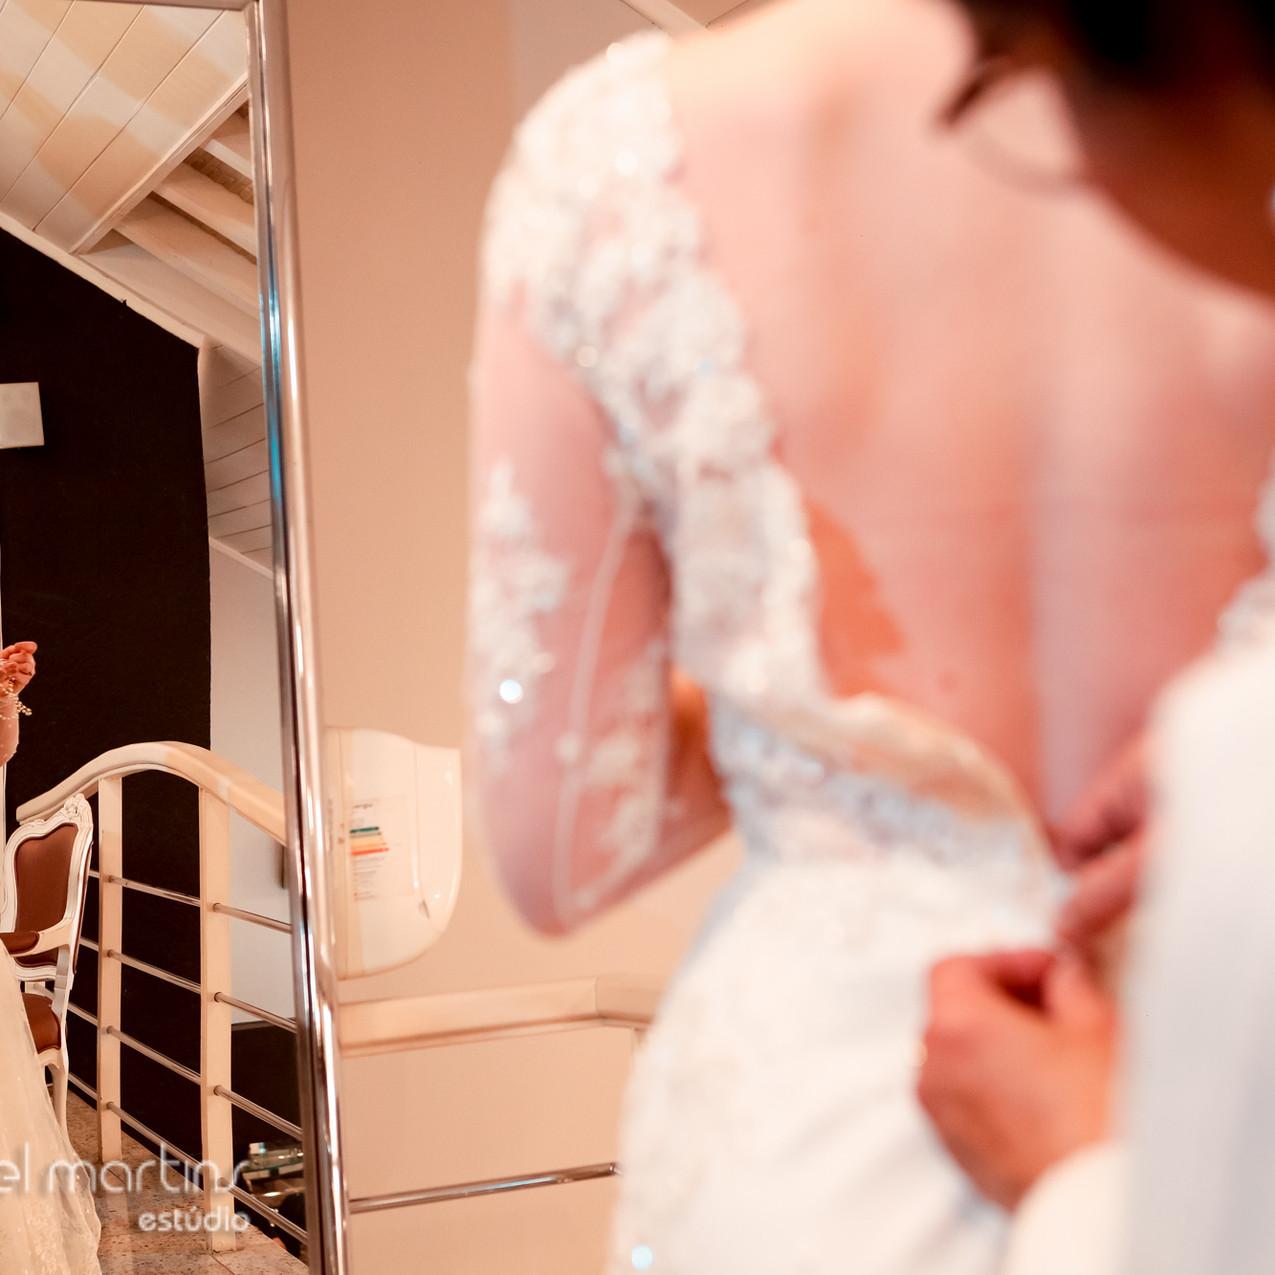 BeR-0077-fotografo-casamento-wedding-gotadagua-rustico-brunaeraul-boho-diy-portoalegre-daniel-martins